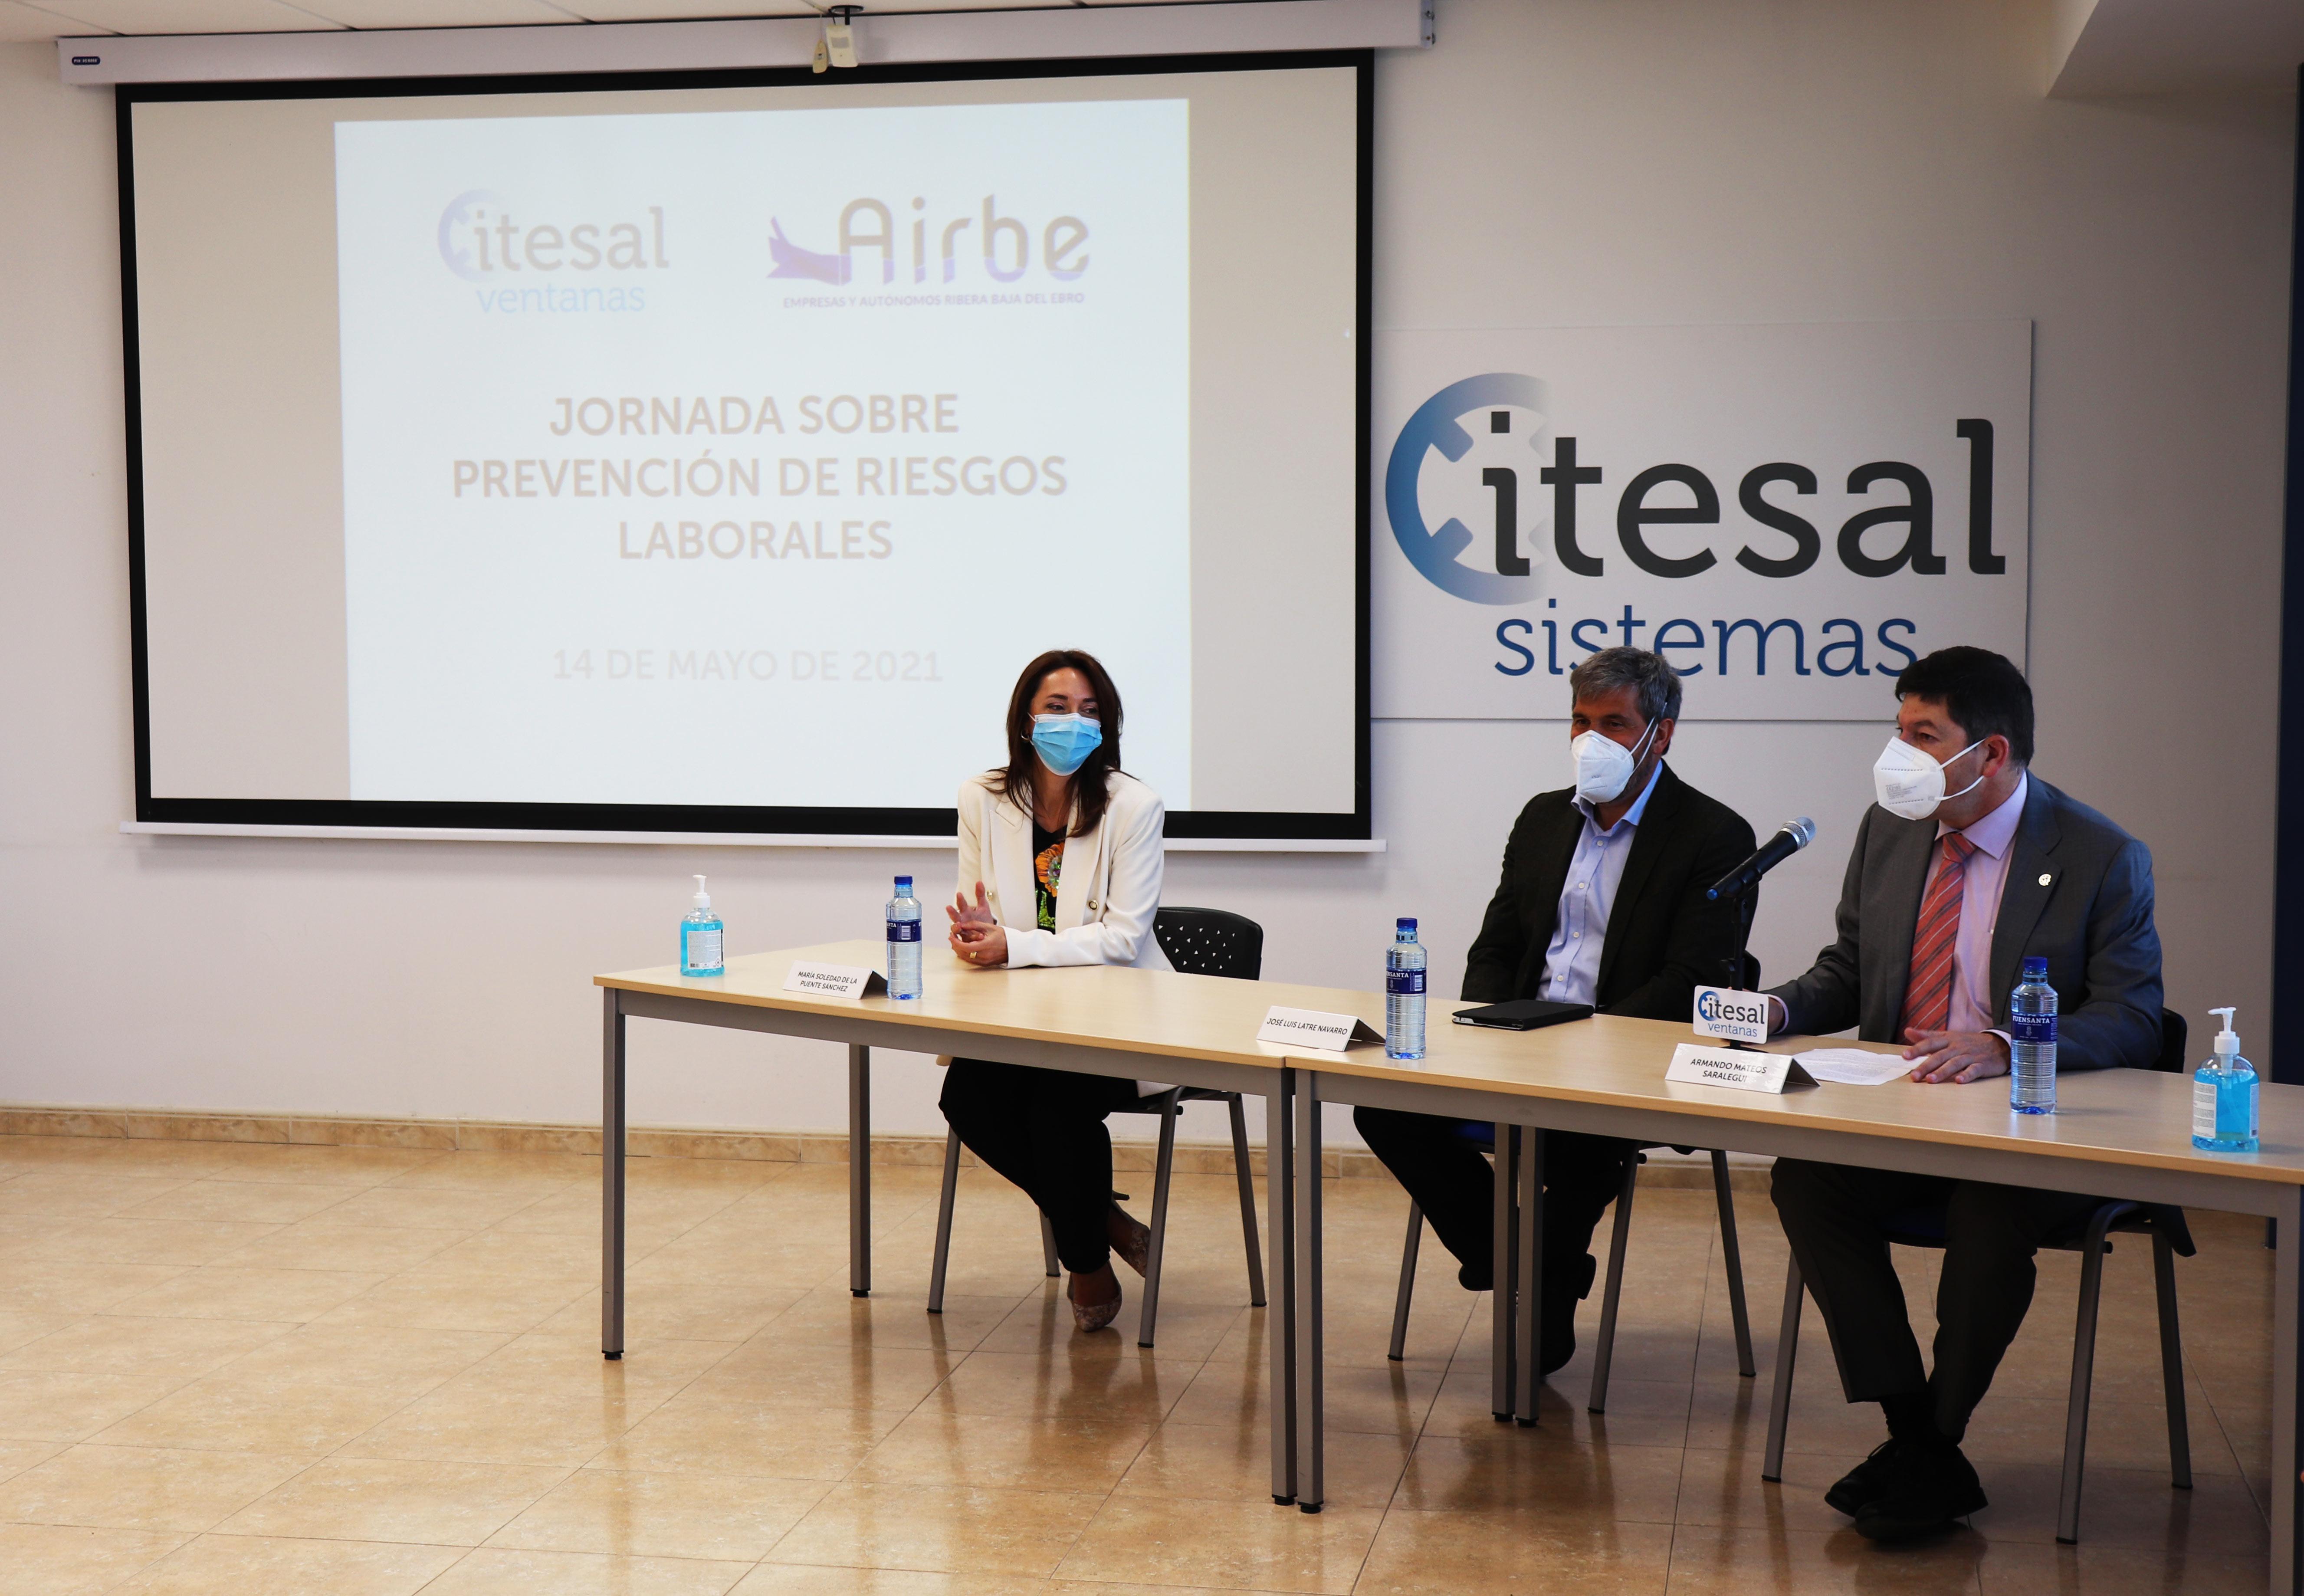 Galeria Itesal organiza una jornada de Prevención de Riesgos Laborales junto con AIRBE - 1